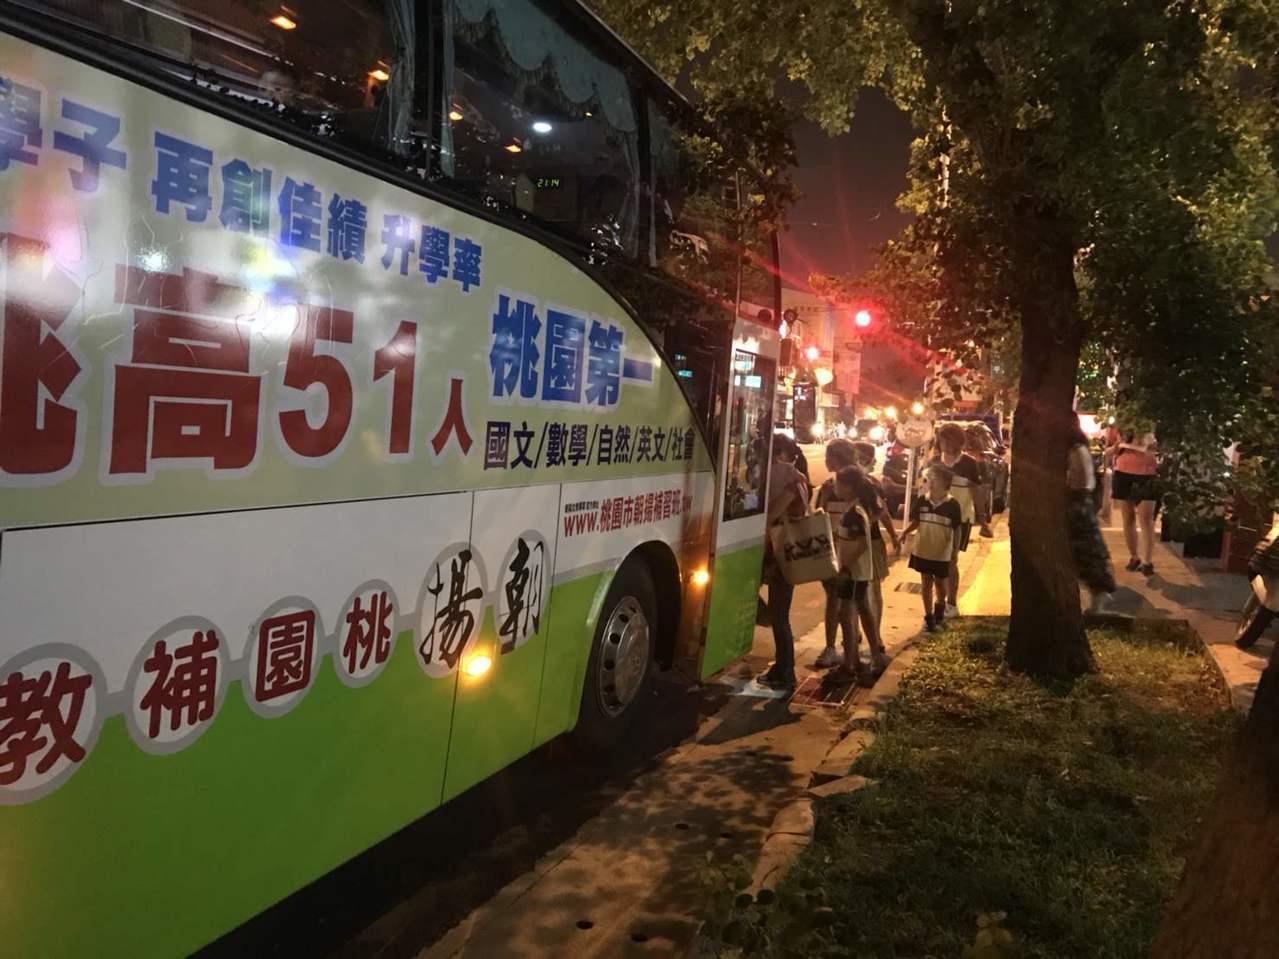 學生前往桃園婦女館看演出和回程都有賓士級巴士接送。圖/朝陽富元教育公司提供